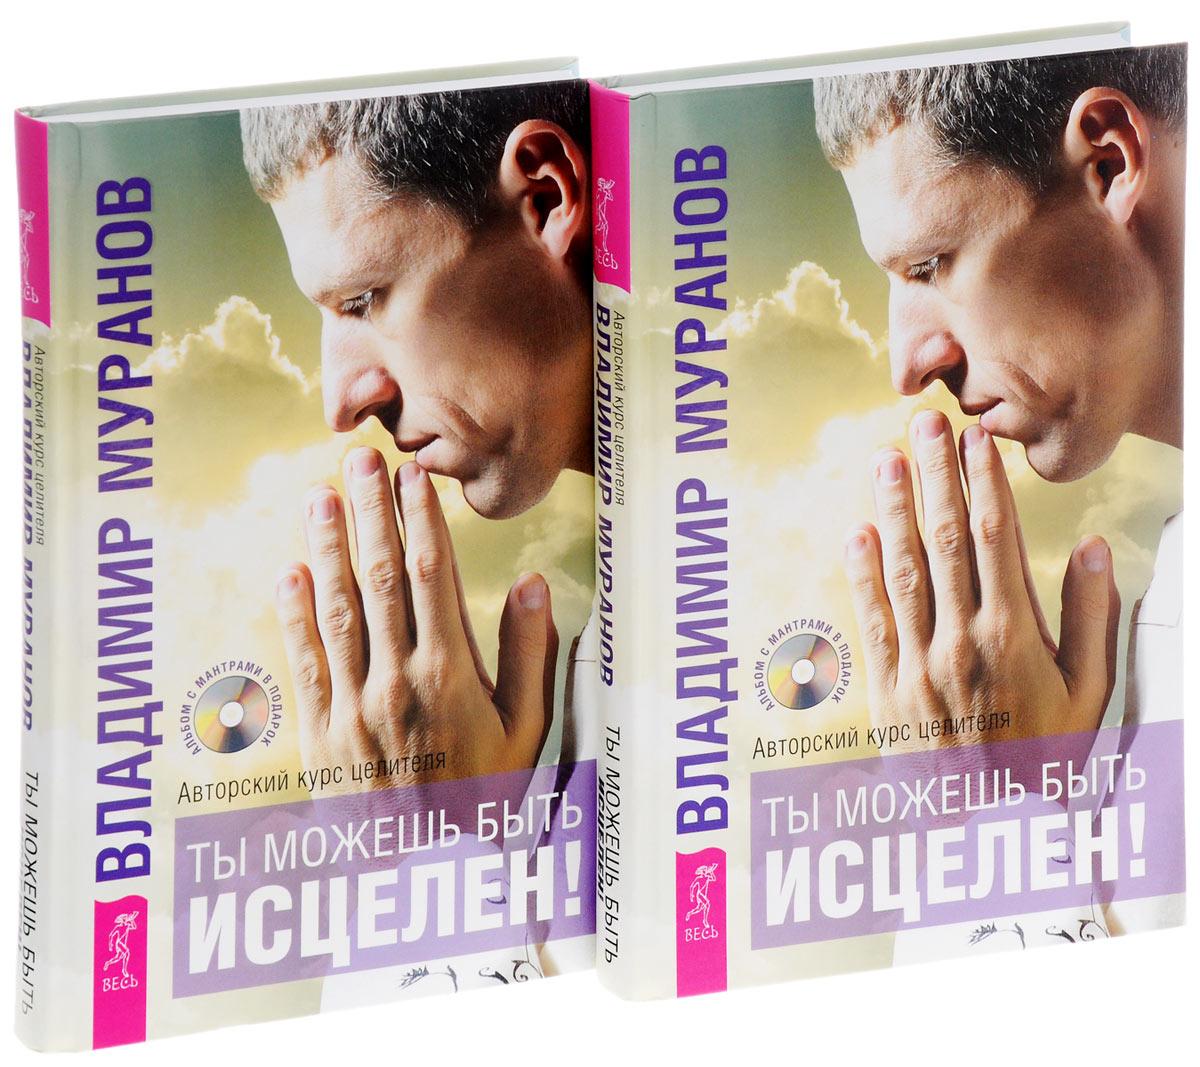 Ты можешь быть исцелен! Авторский курс целителя (комплект из 2 книг + 2 CD)